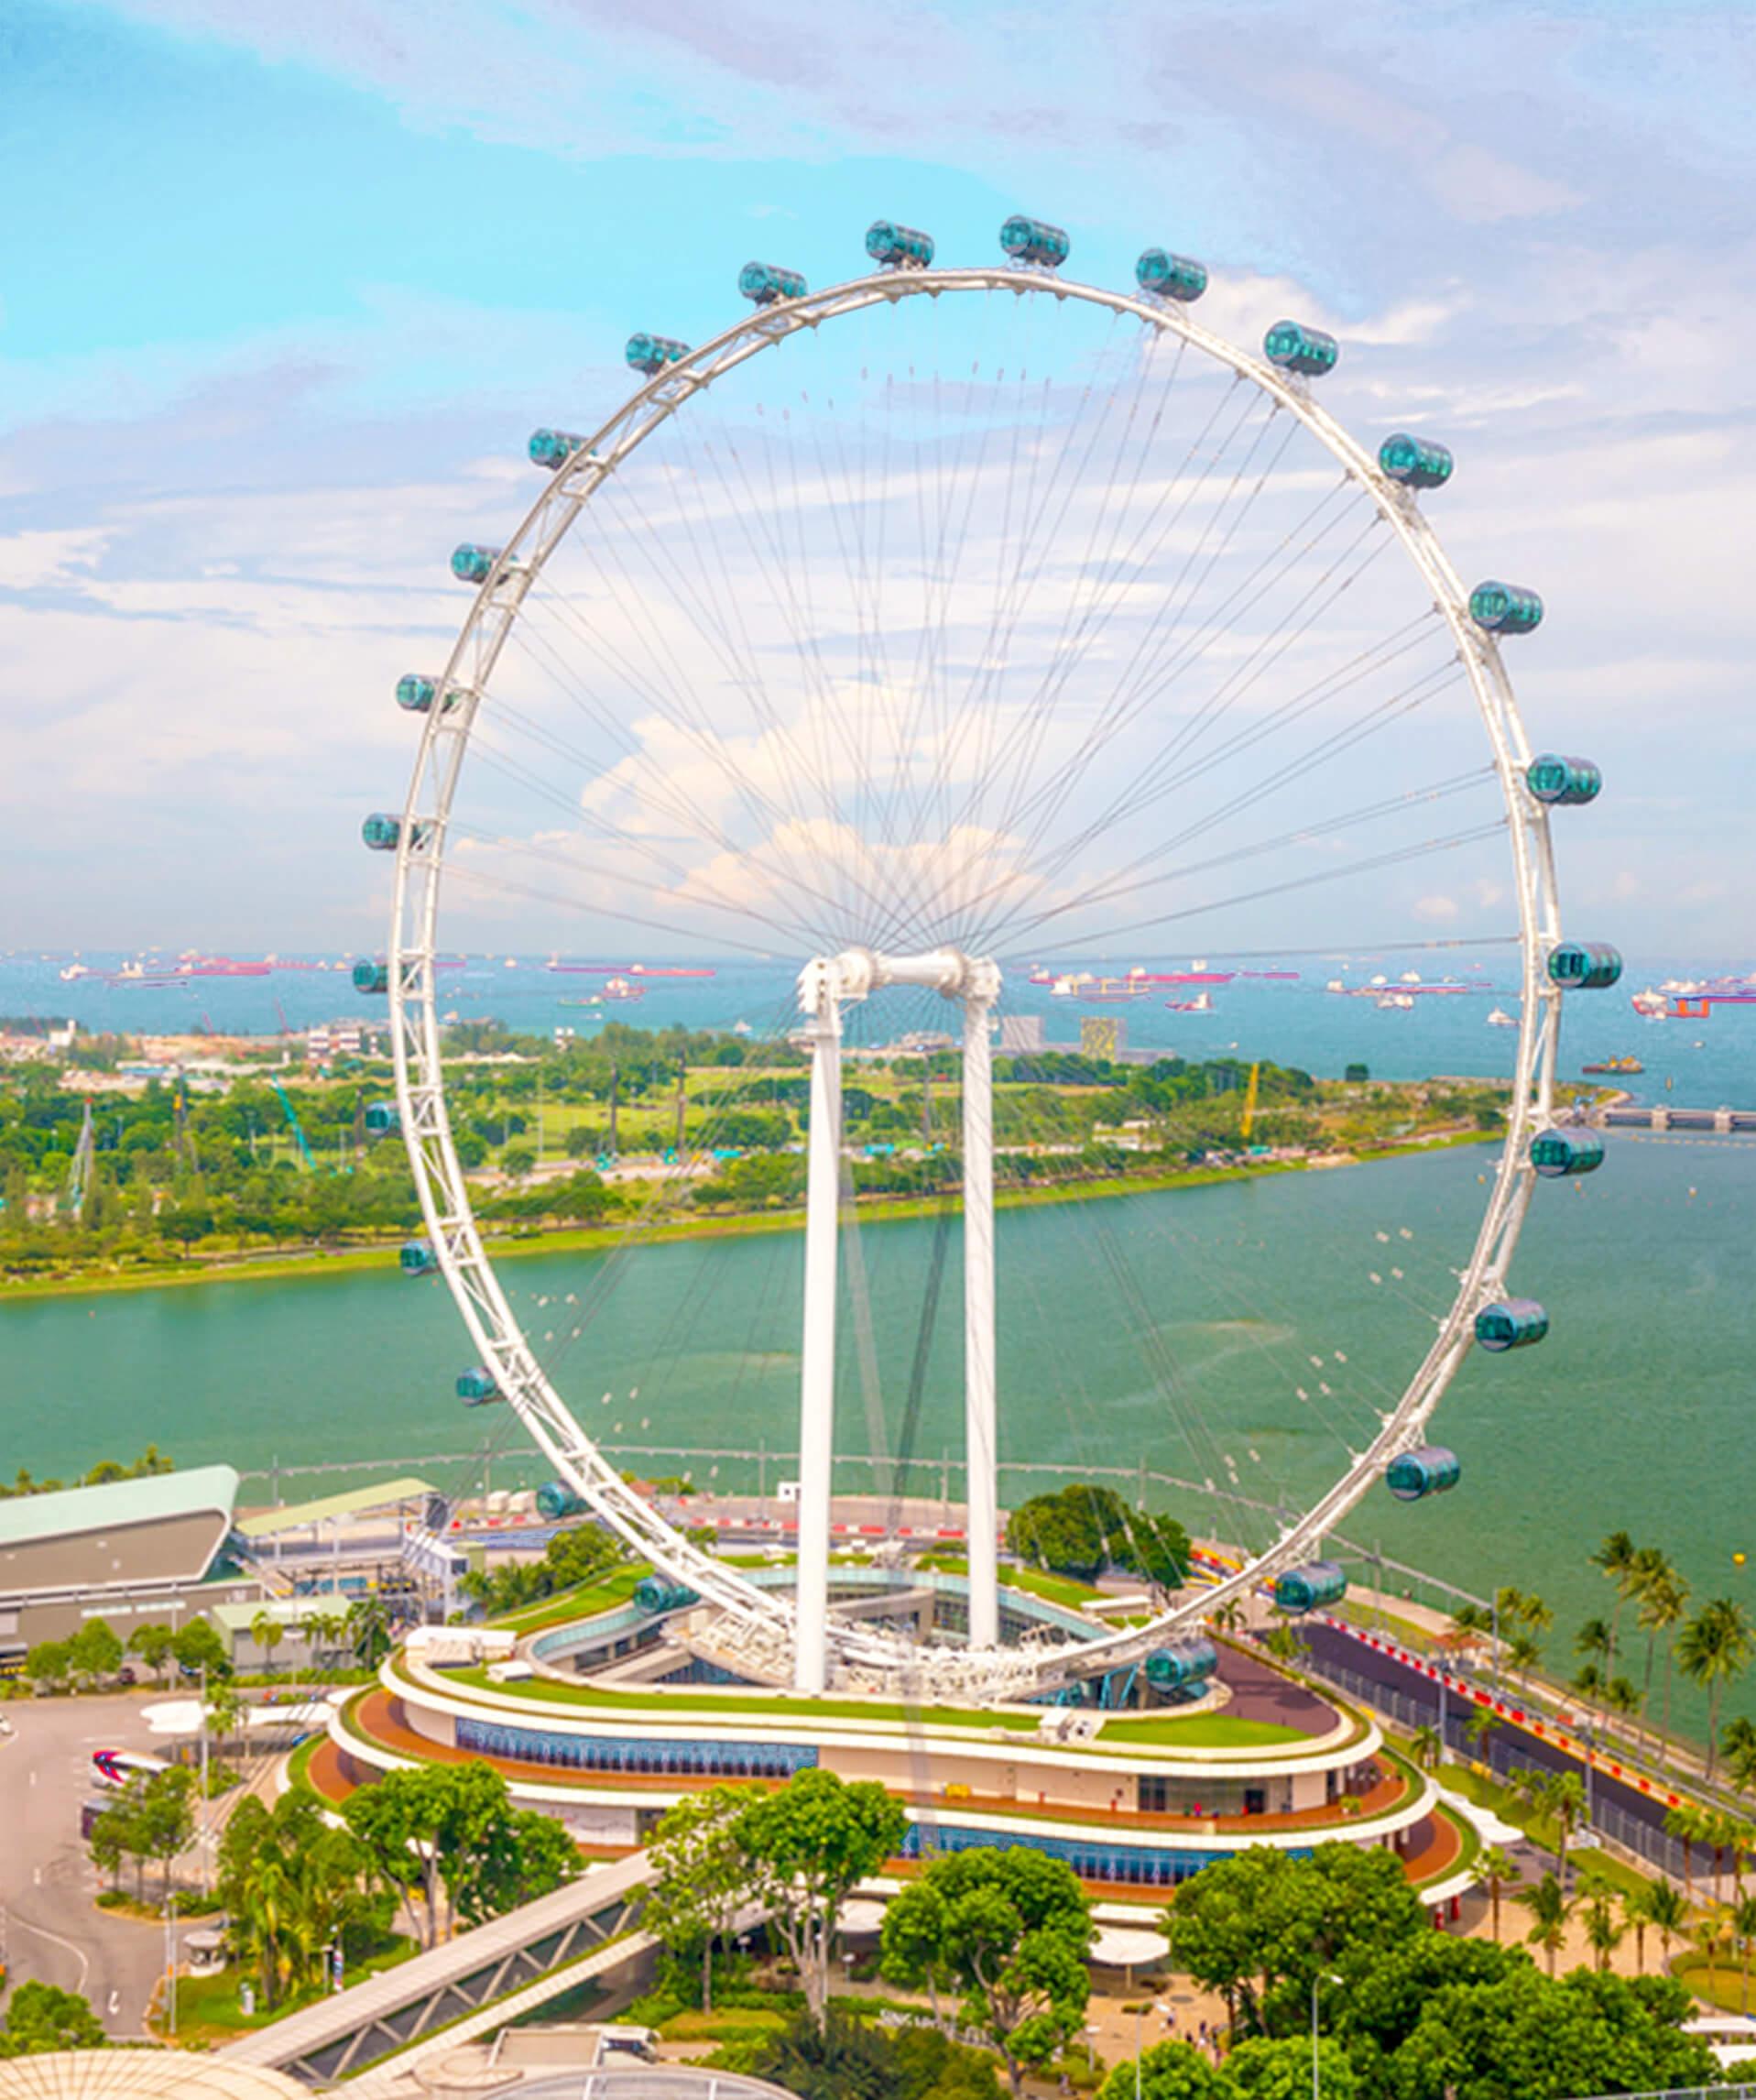 du lịch Singapore tháng 5